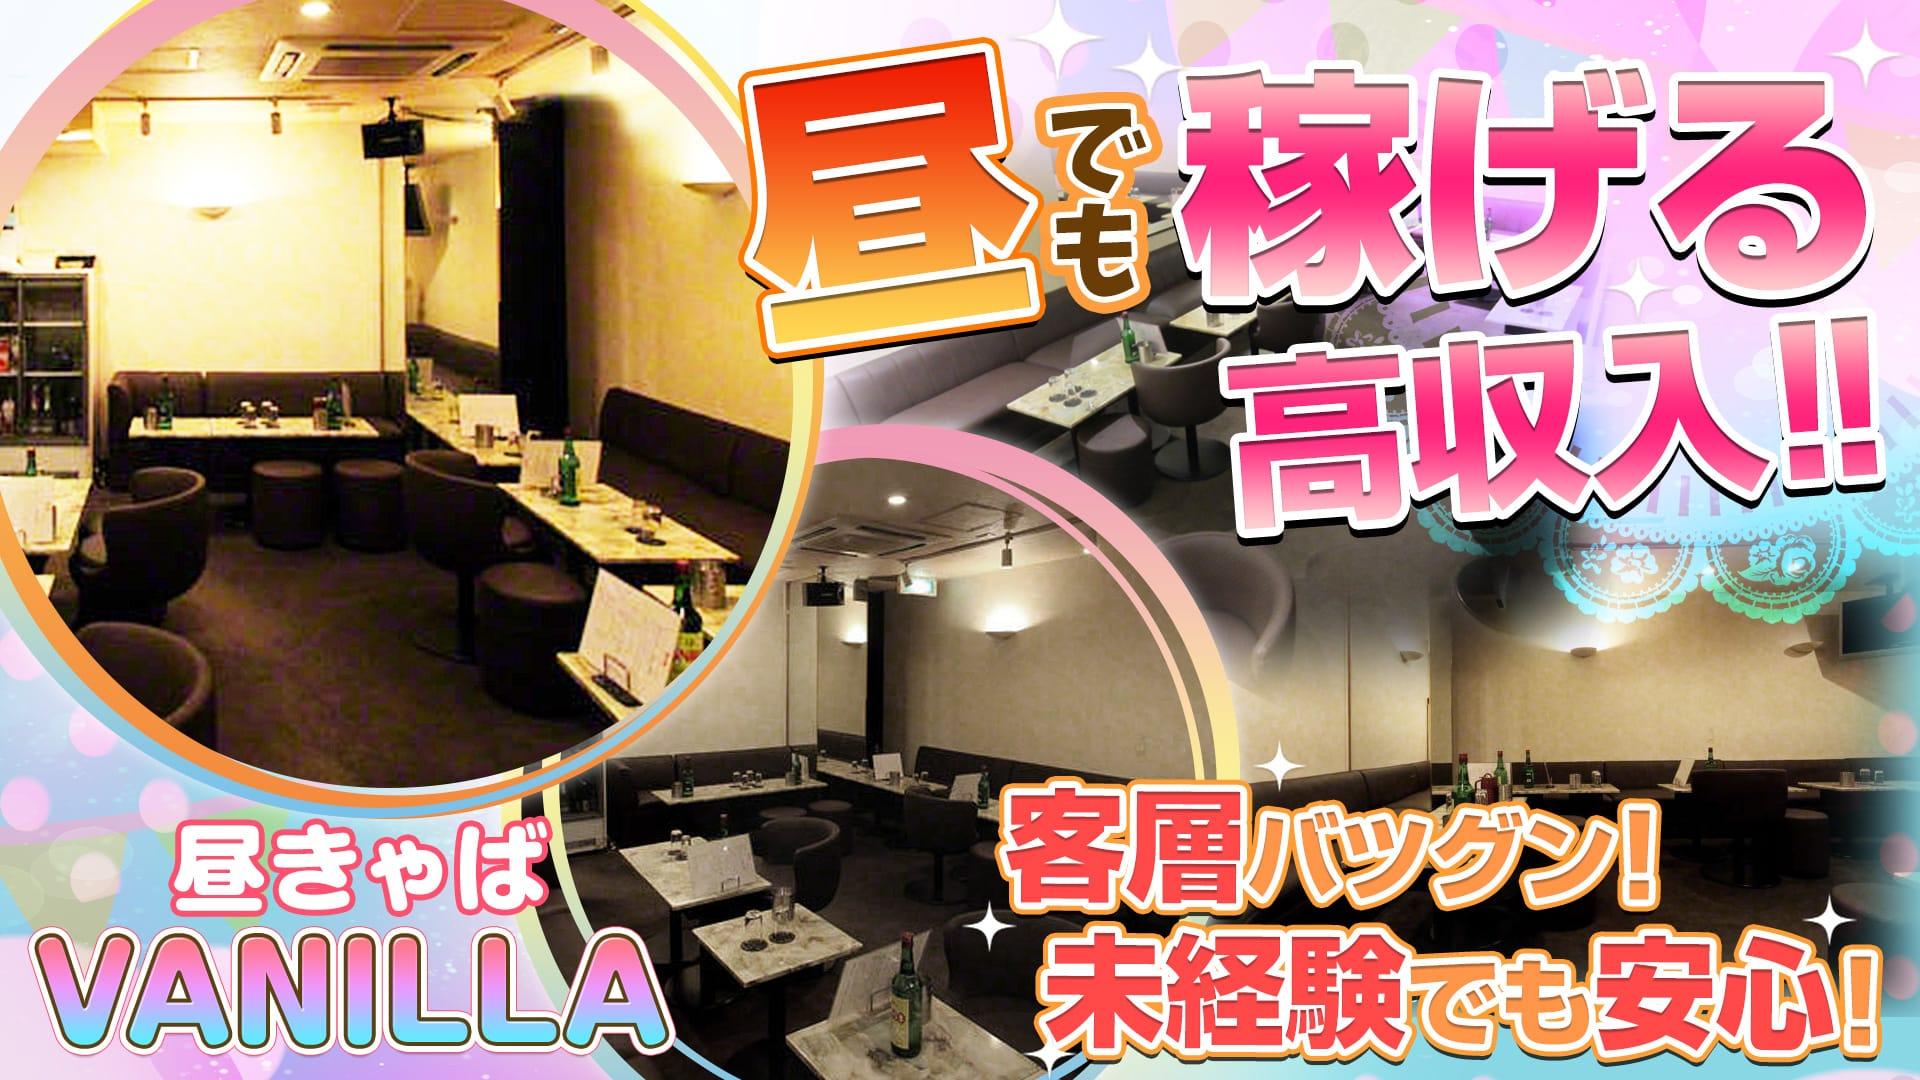 【昼】Vanilla(バニラ) 渋谷昼キャバ・朝キャバ TOP画像